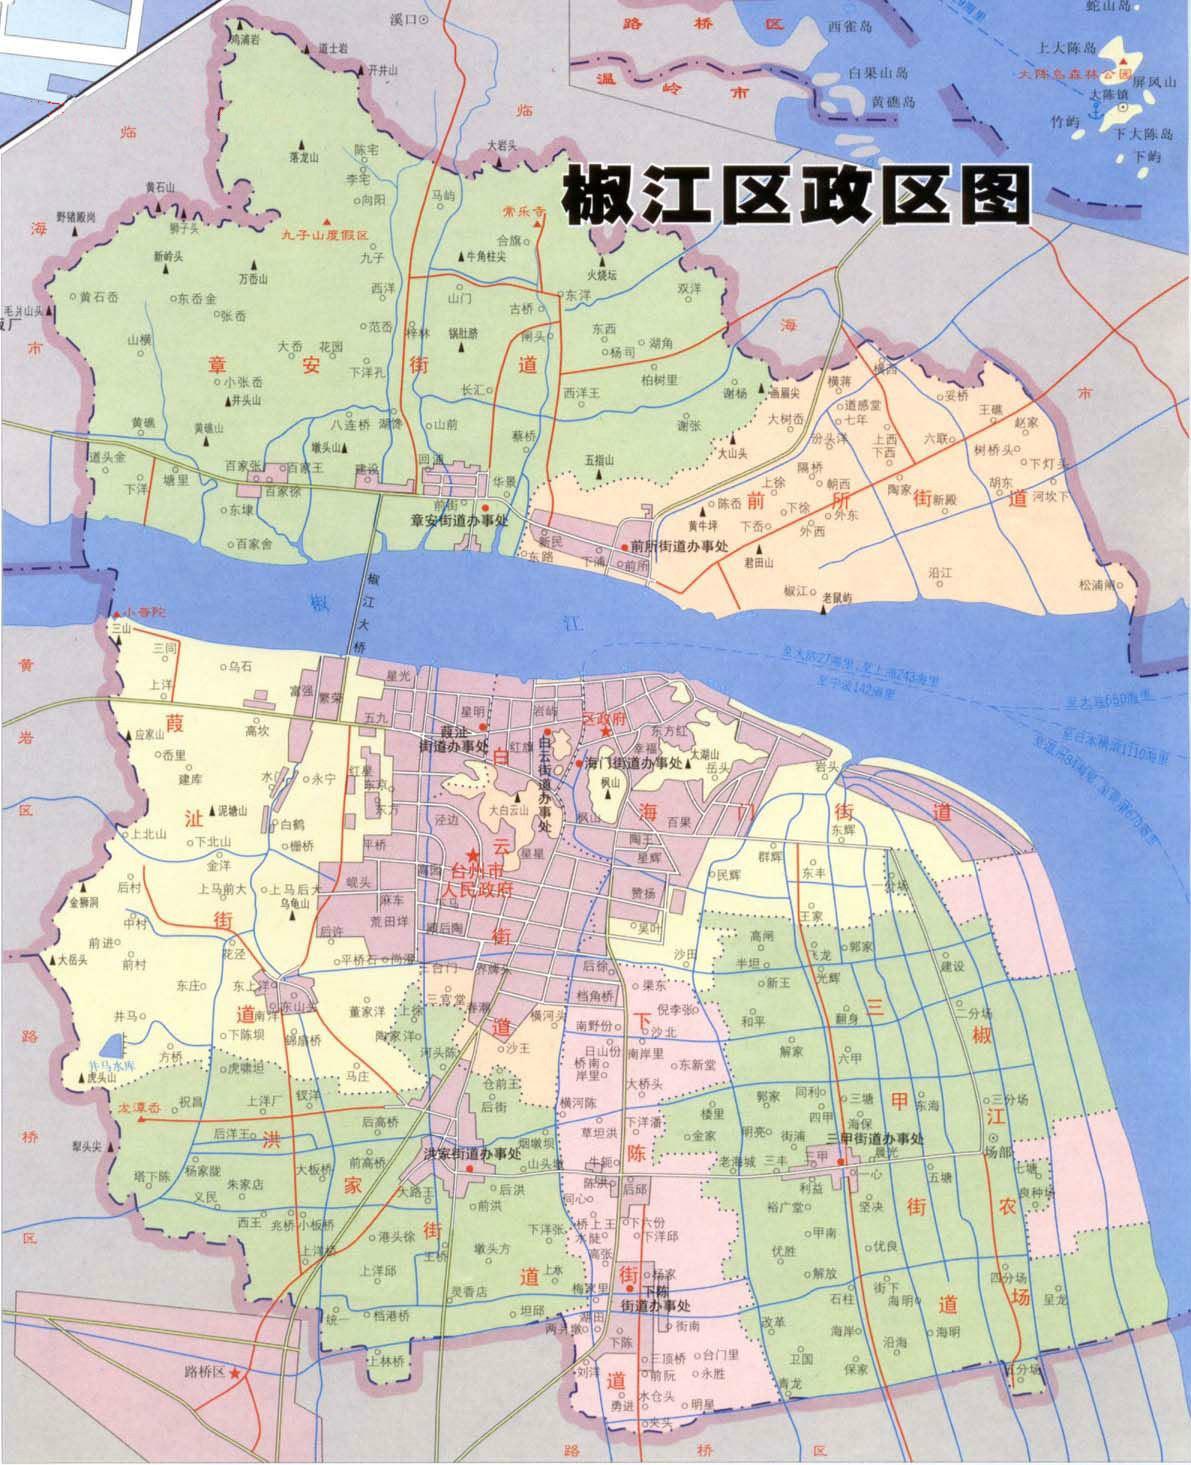 洮南市人民政府官网_台州市椒江区人民政府网站 电子地图